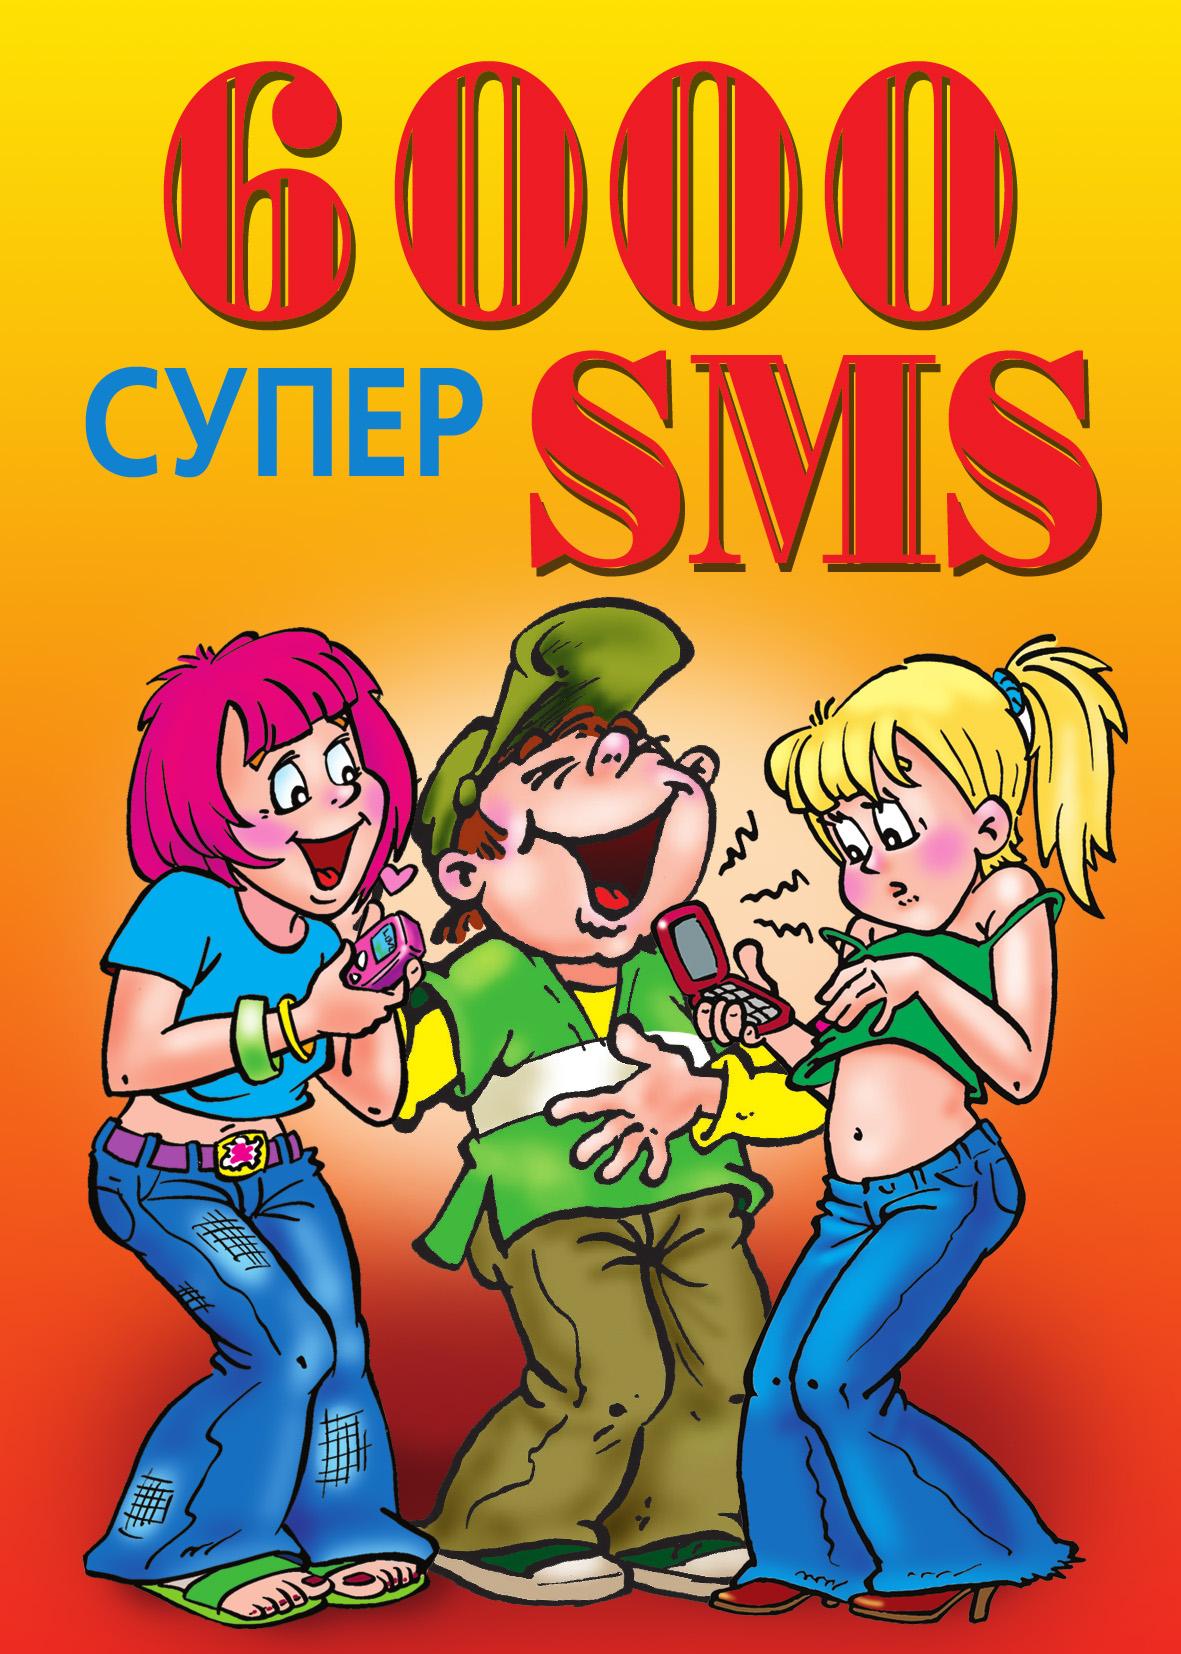 Ксения Сергеевна Якубовская 6000 супер SMS алексей корнеев самые красивые нежные трогательные sms для влюбленных